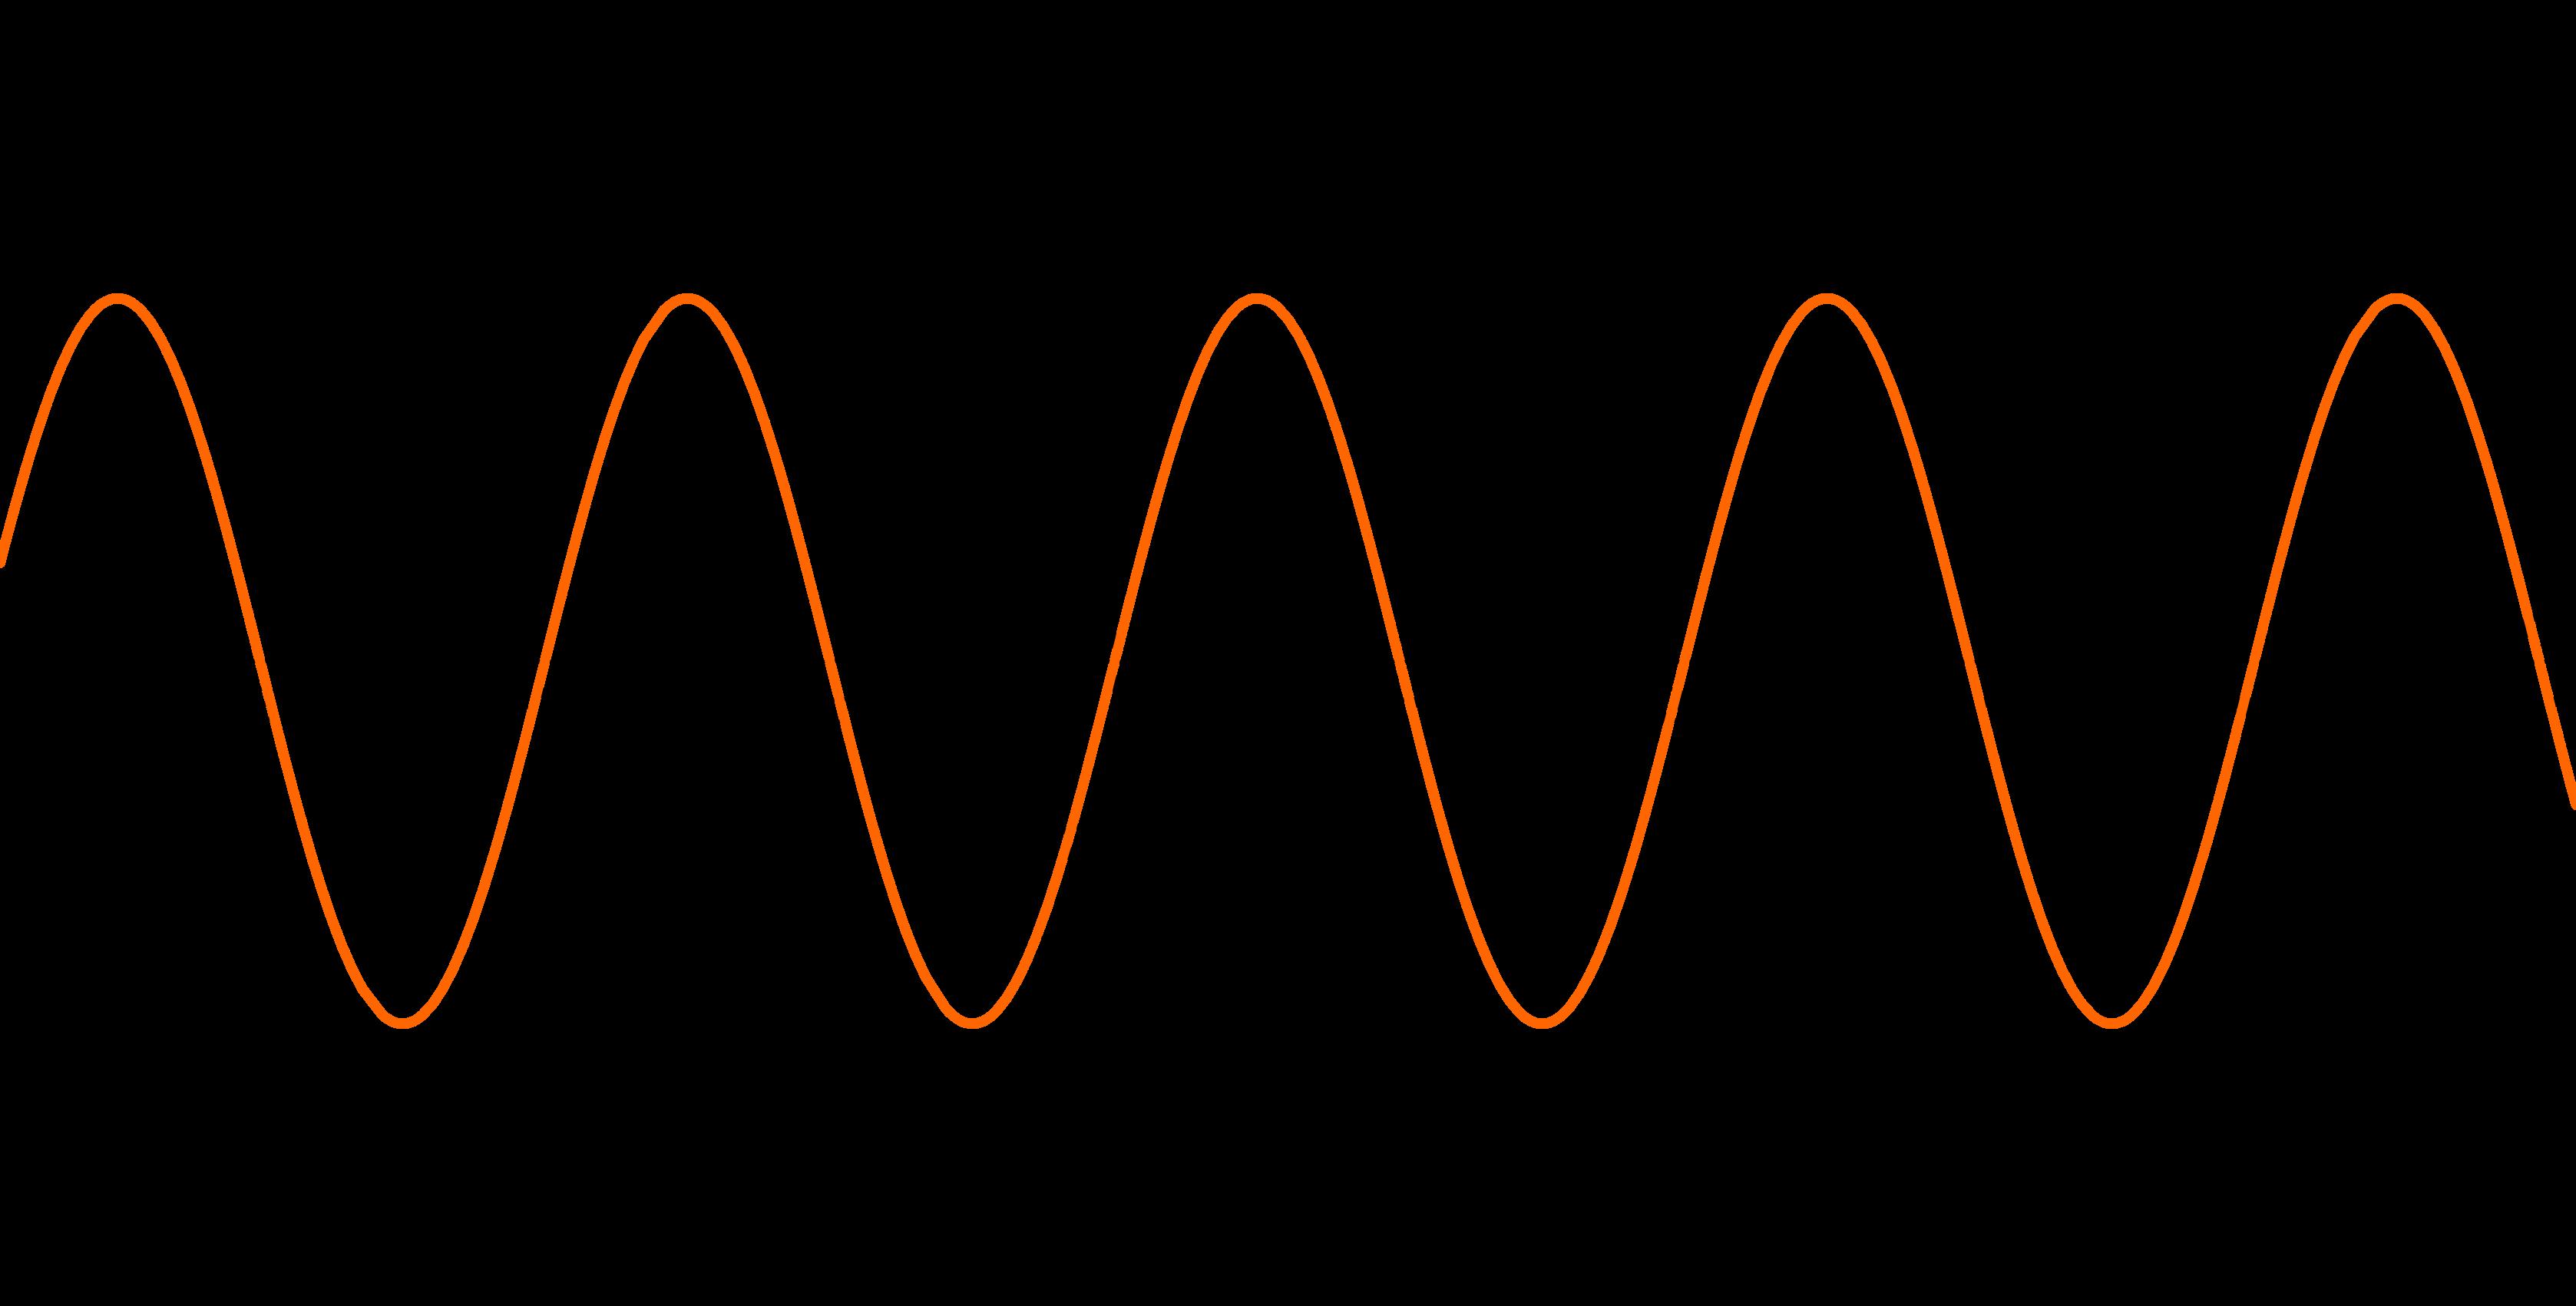 Aufgaben zum Verschieben und Strecken trigonometrischer Funktionen ...